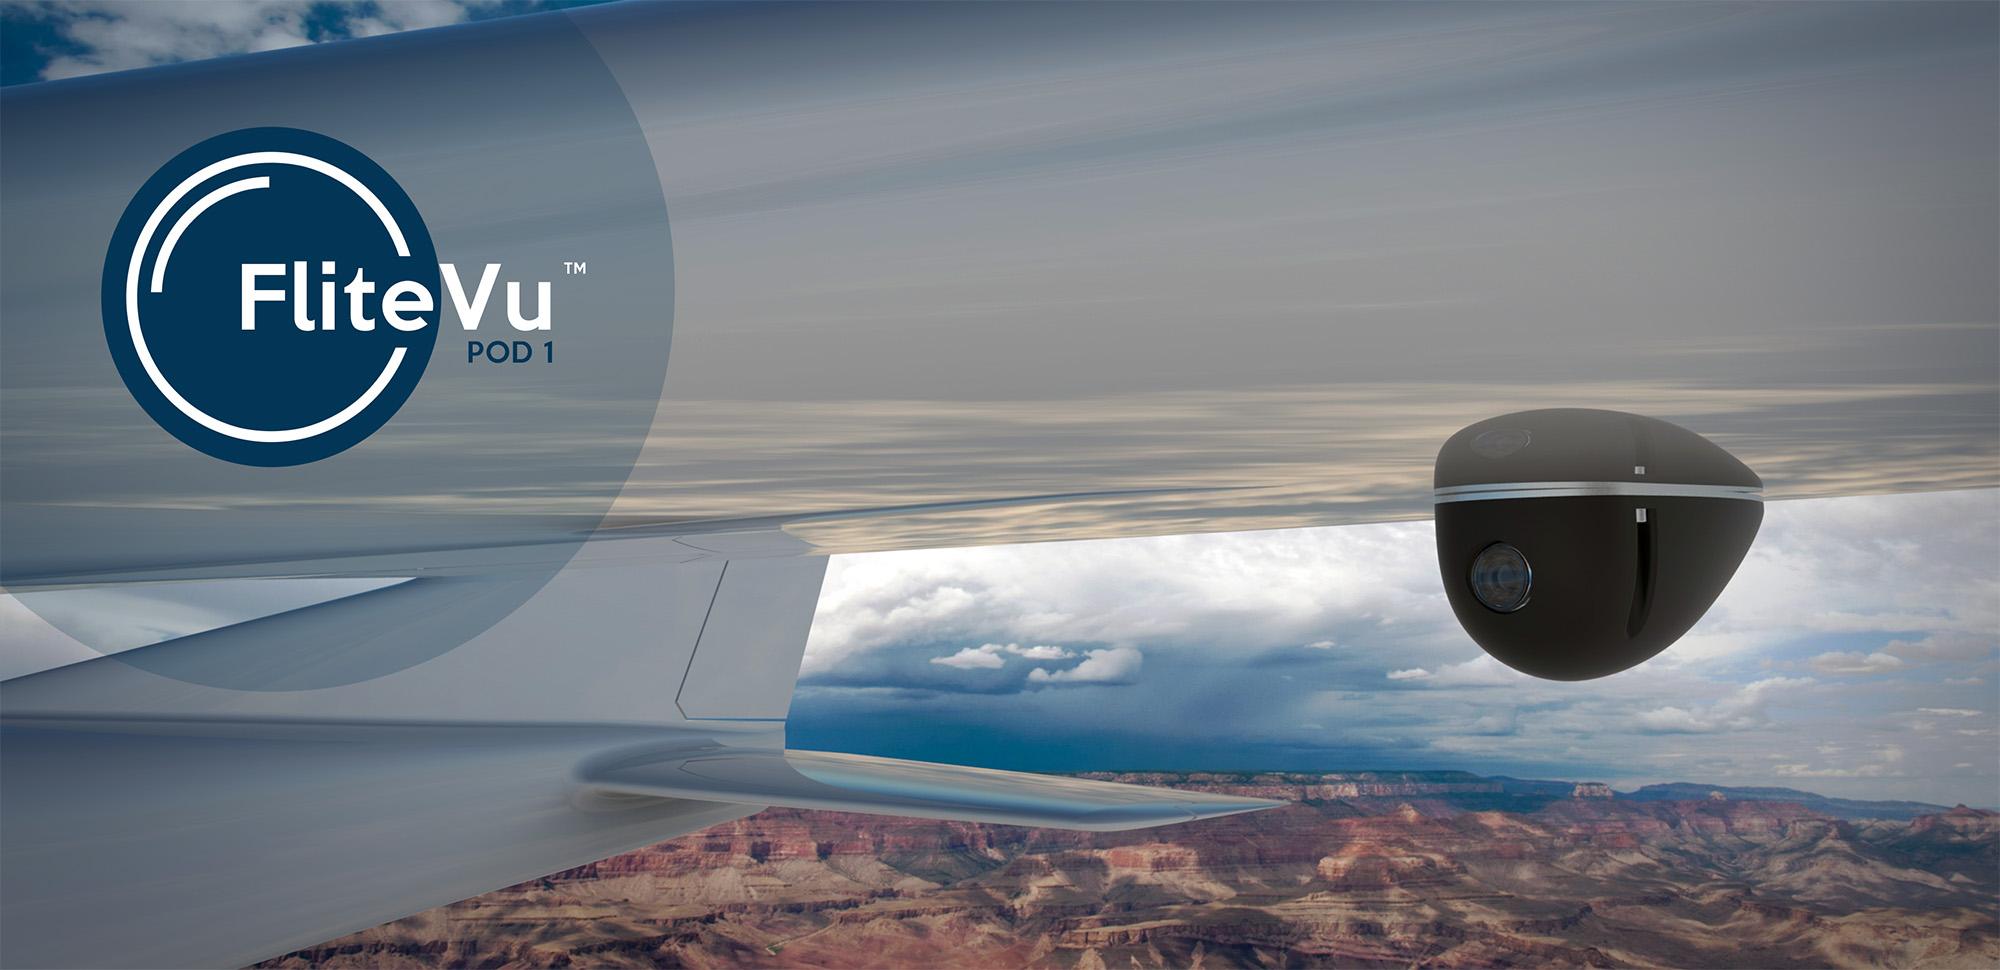 FliteVu - High resolution digital camera in aerodynamic pod for aeronautical applications